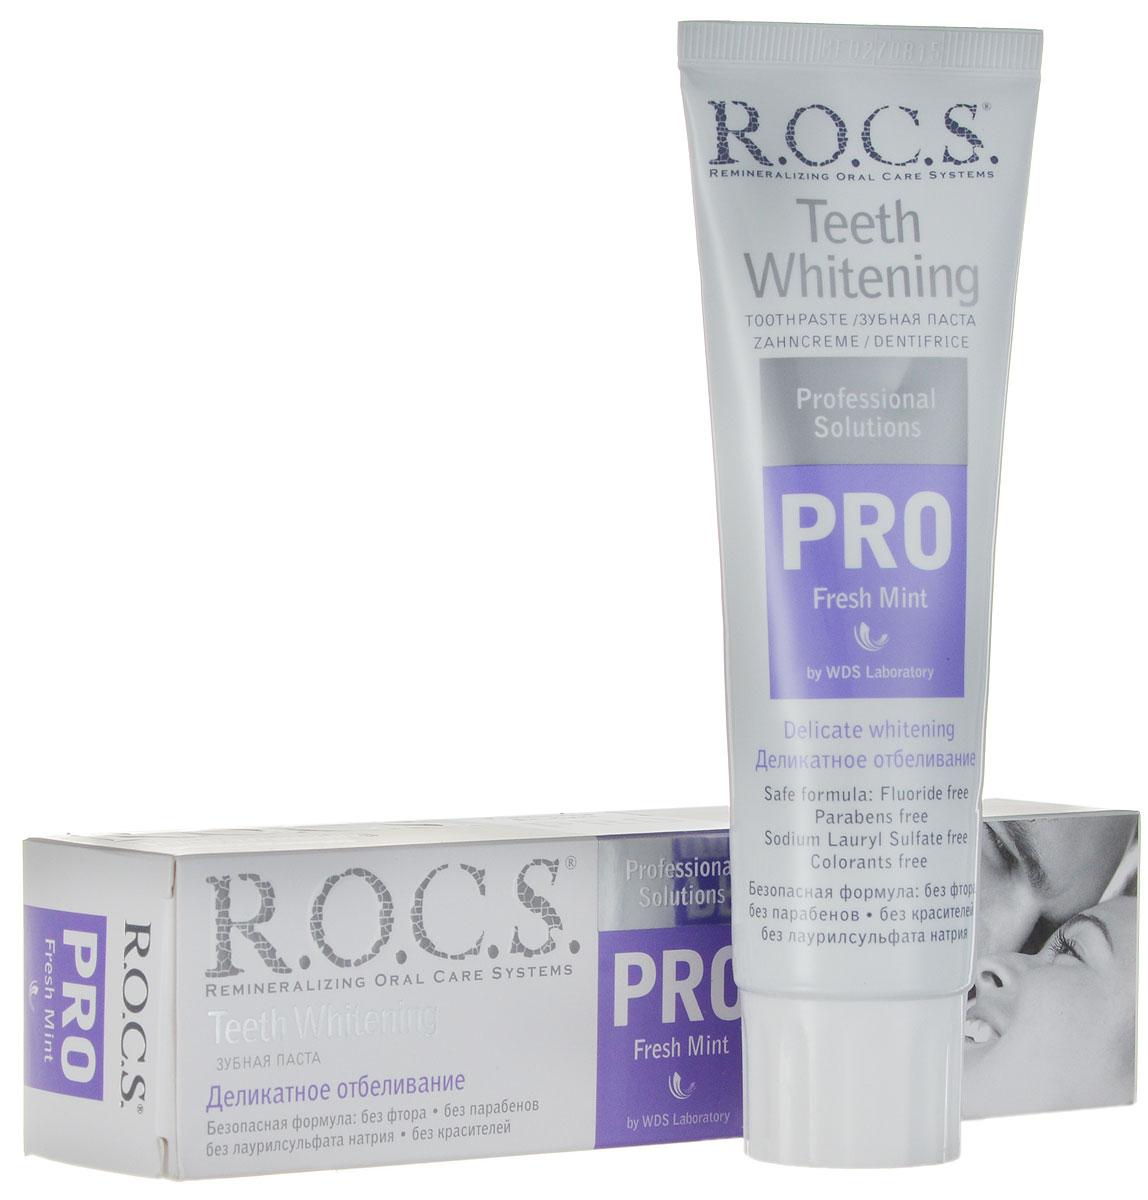 R.O.C.S Зубная паста PRO Delicate White, Fresh Mint32700101Для безупречной красоты вашей улыбки и чистоты зубовБезопасная формула: не содержит фтор, лаурилсульфат натрия, парабены и красителиПодходит для постоянного ежедневного использования